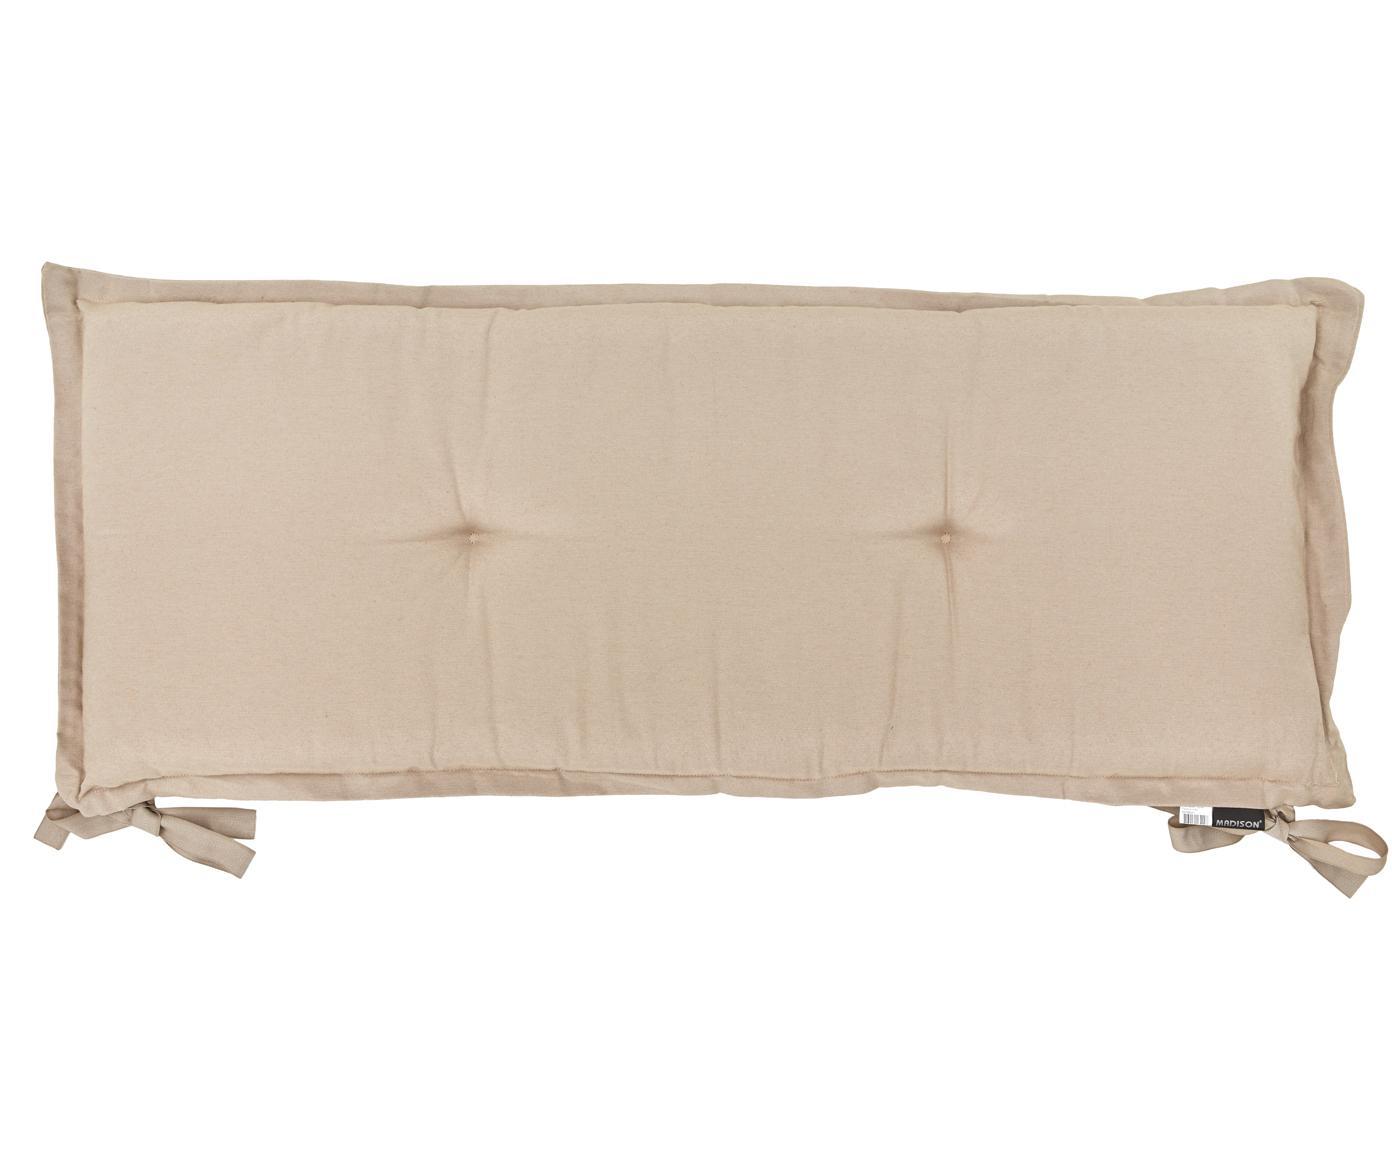 Bankkussen Panama, 50% katoen, 45% polyester, 5% andere vezels, Zandkleurig, 48 x 120 cm